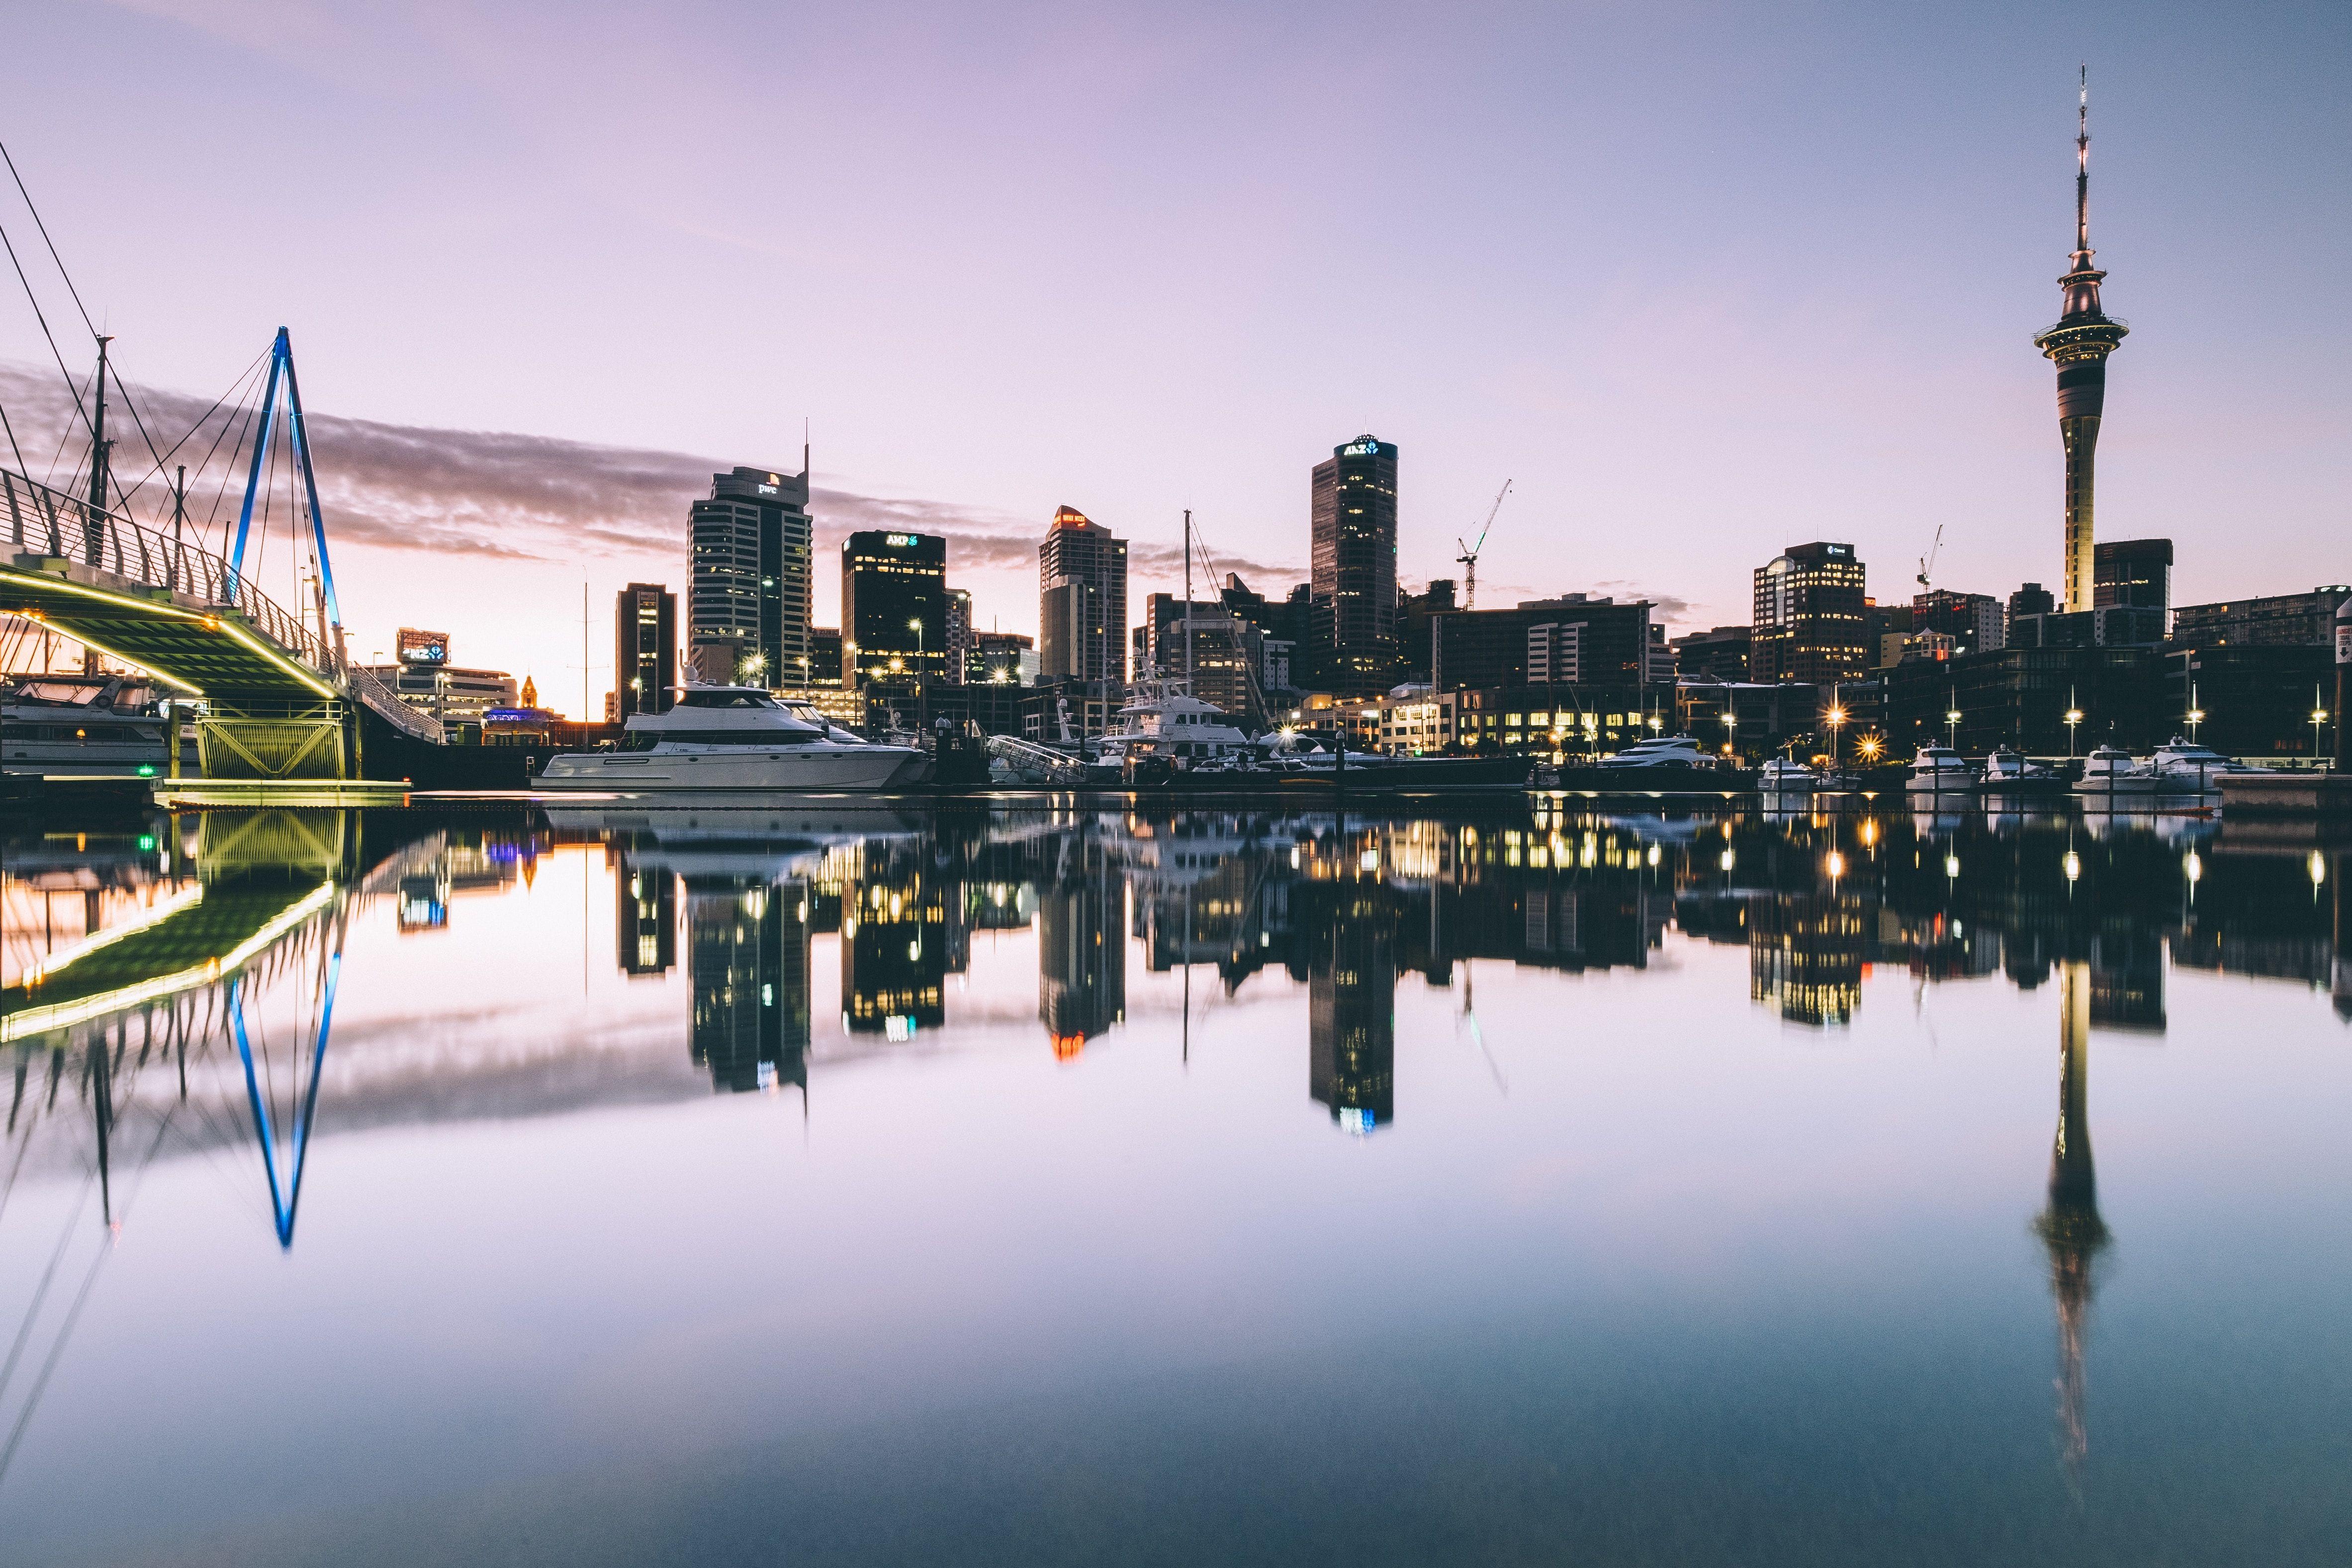 Klassische Nordinsel Mietwagenrundreisen Neuseeland Reise Neuseeland Auckland